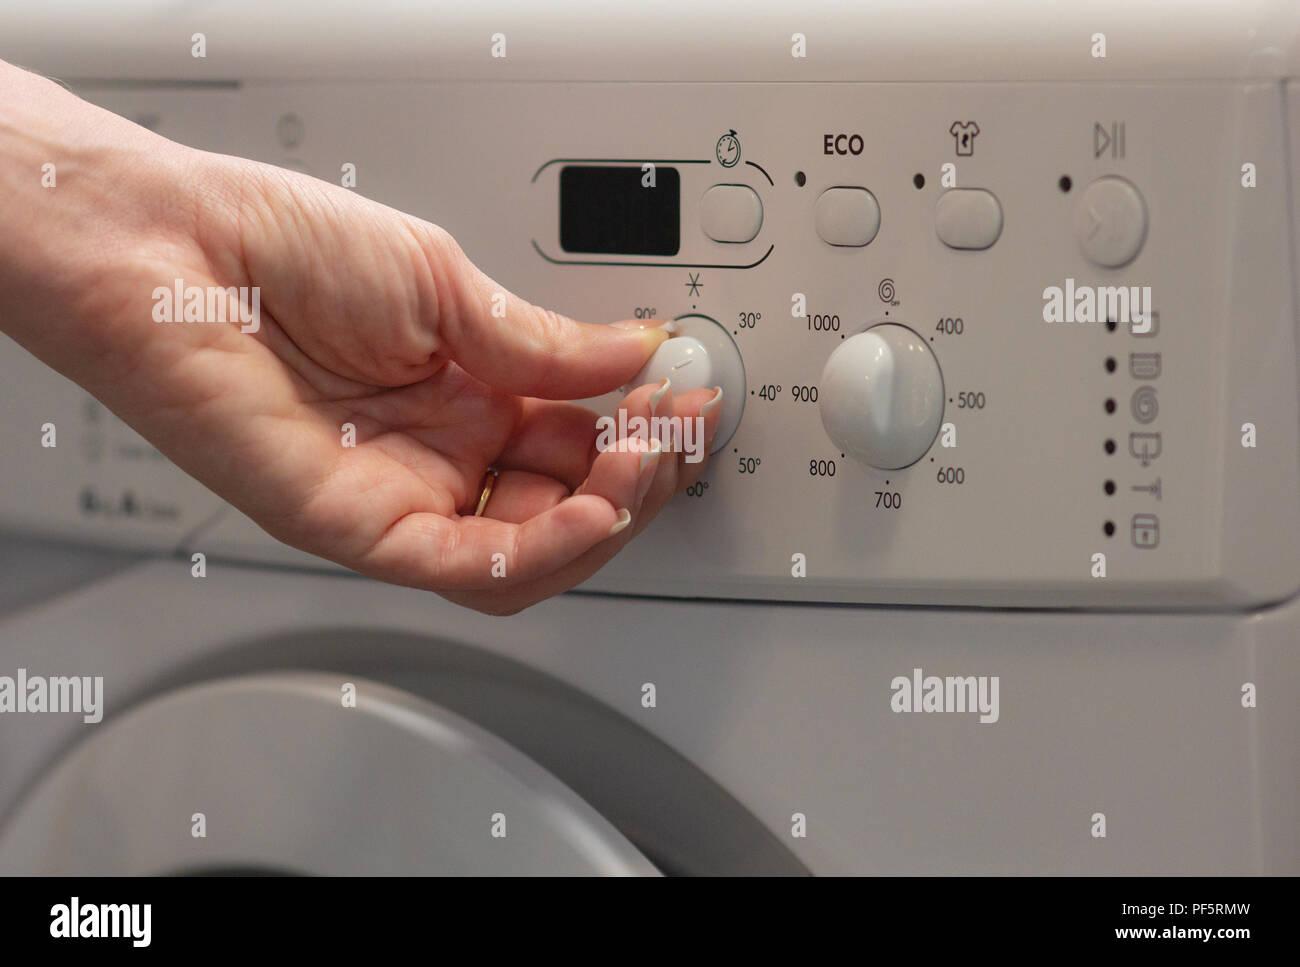 Température Machine À Laver la jeune fille passe la température dans la machine à laver